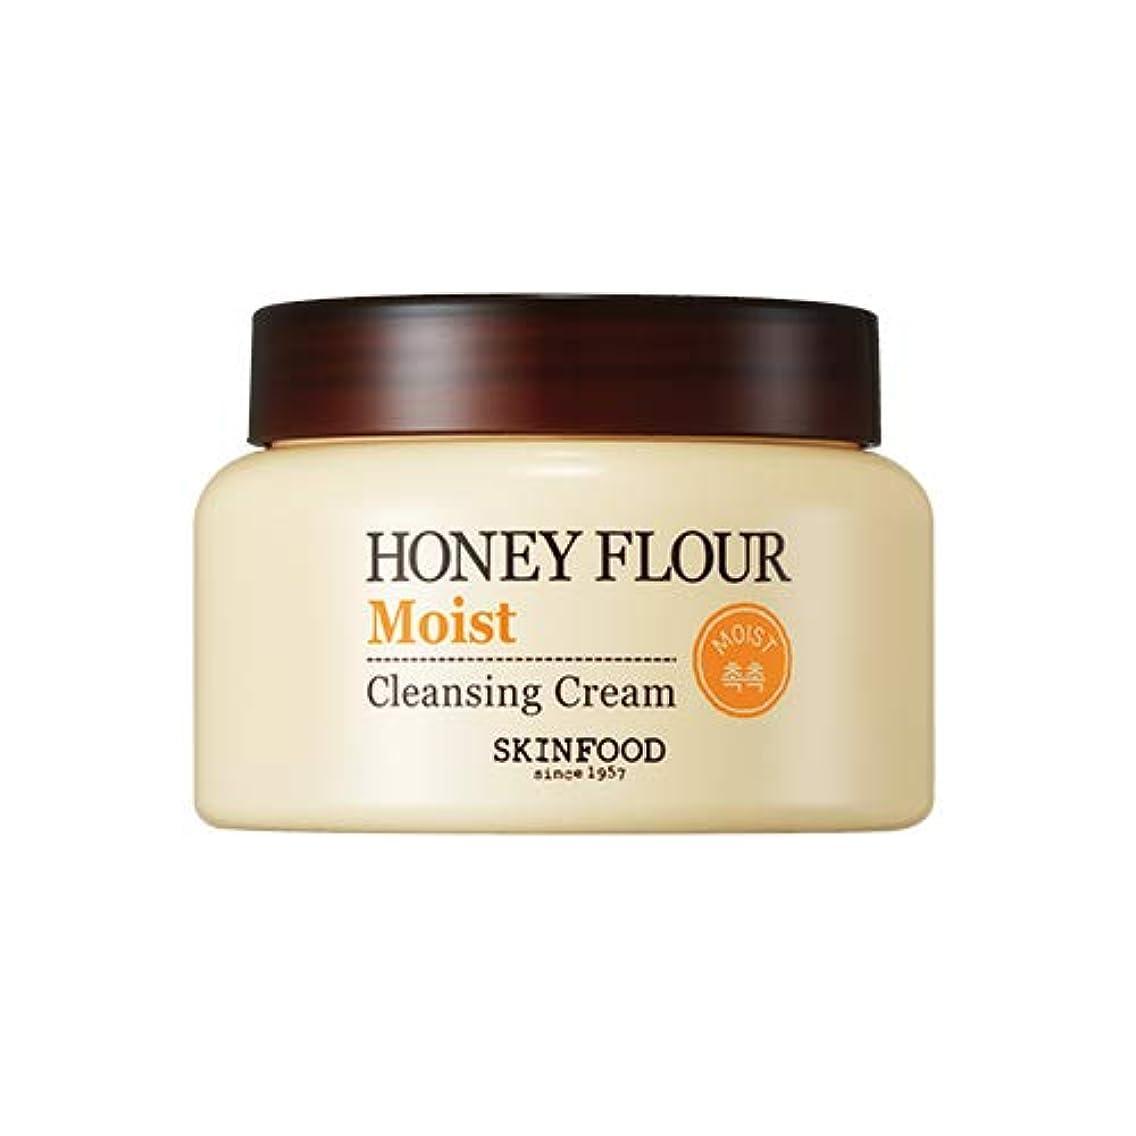 リサイクルするハリウッドに変わるSkinfood/Honey Flour Moist Cleansing Cream/ハニーフラワーモイストクレンジングクリーム/225ml [並行輸入品]